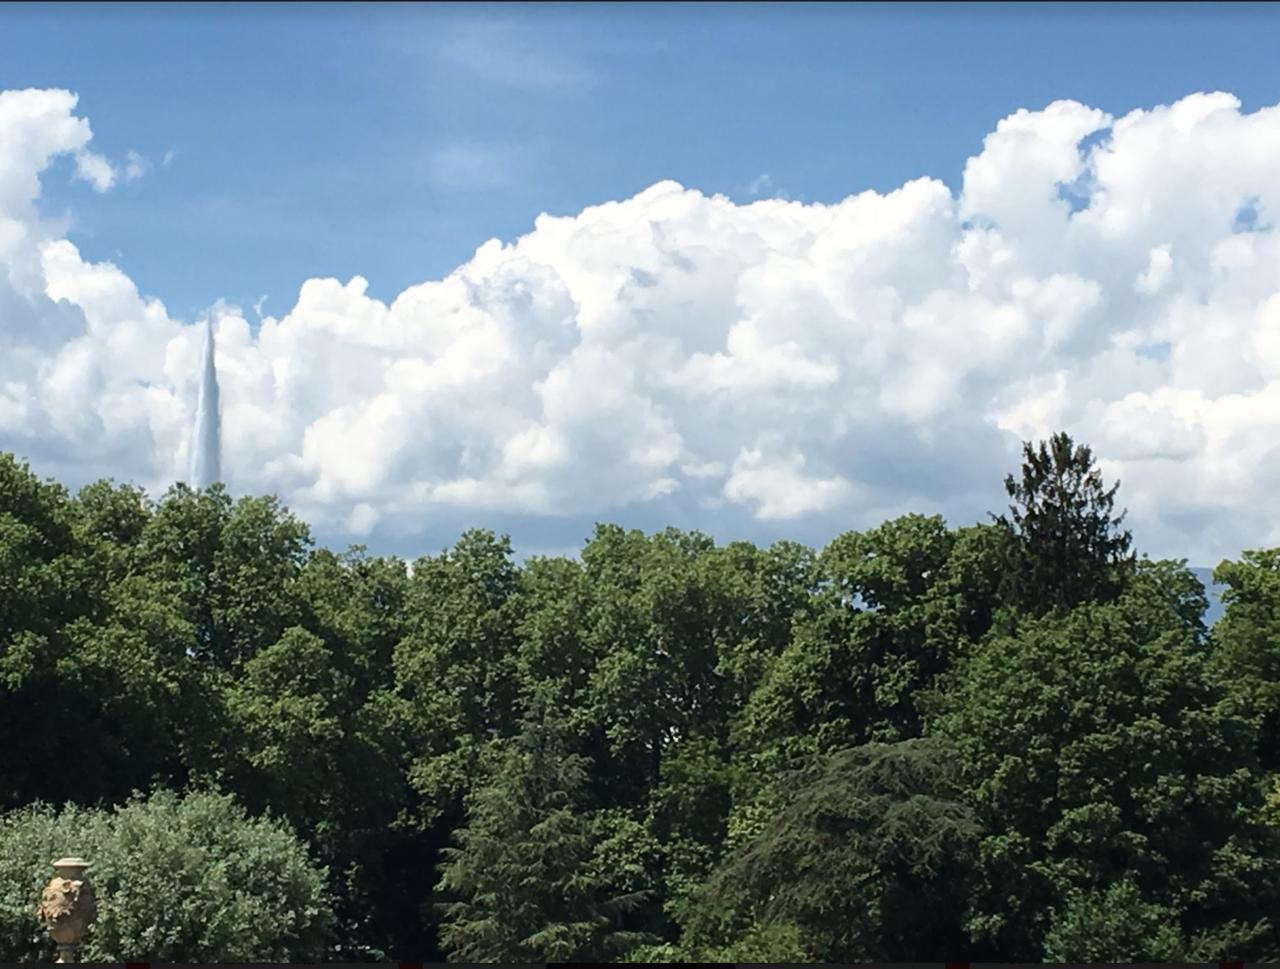 Pointes de Monuments lMonument peaks